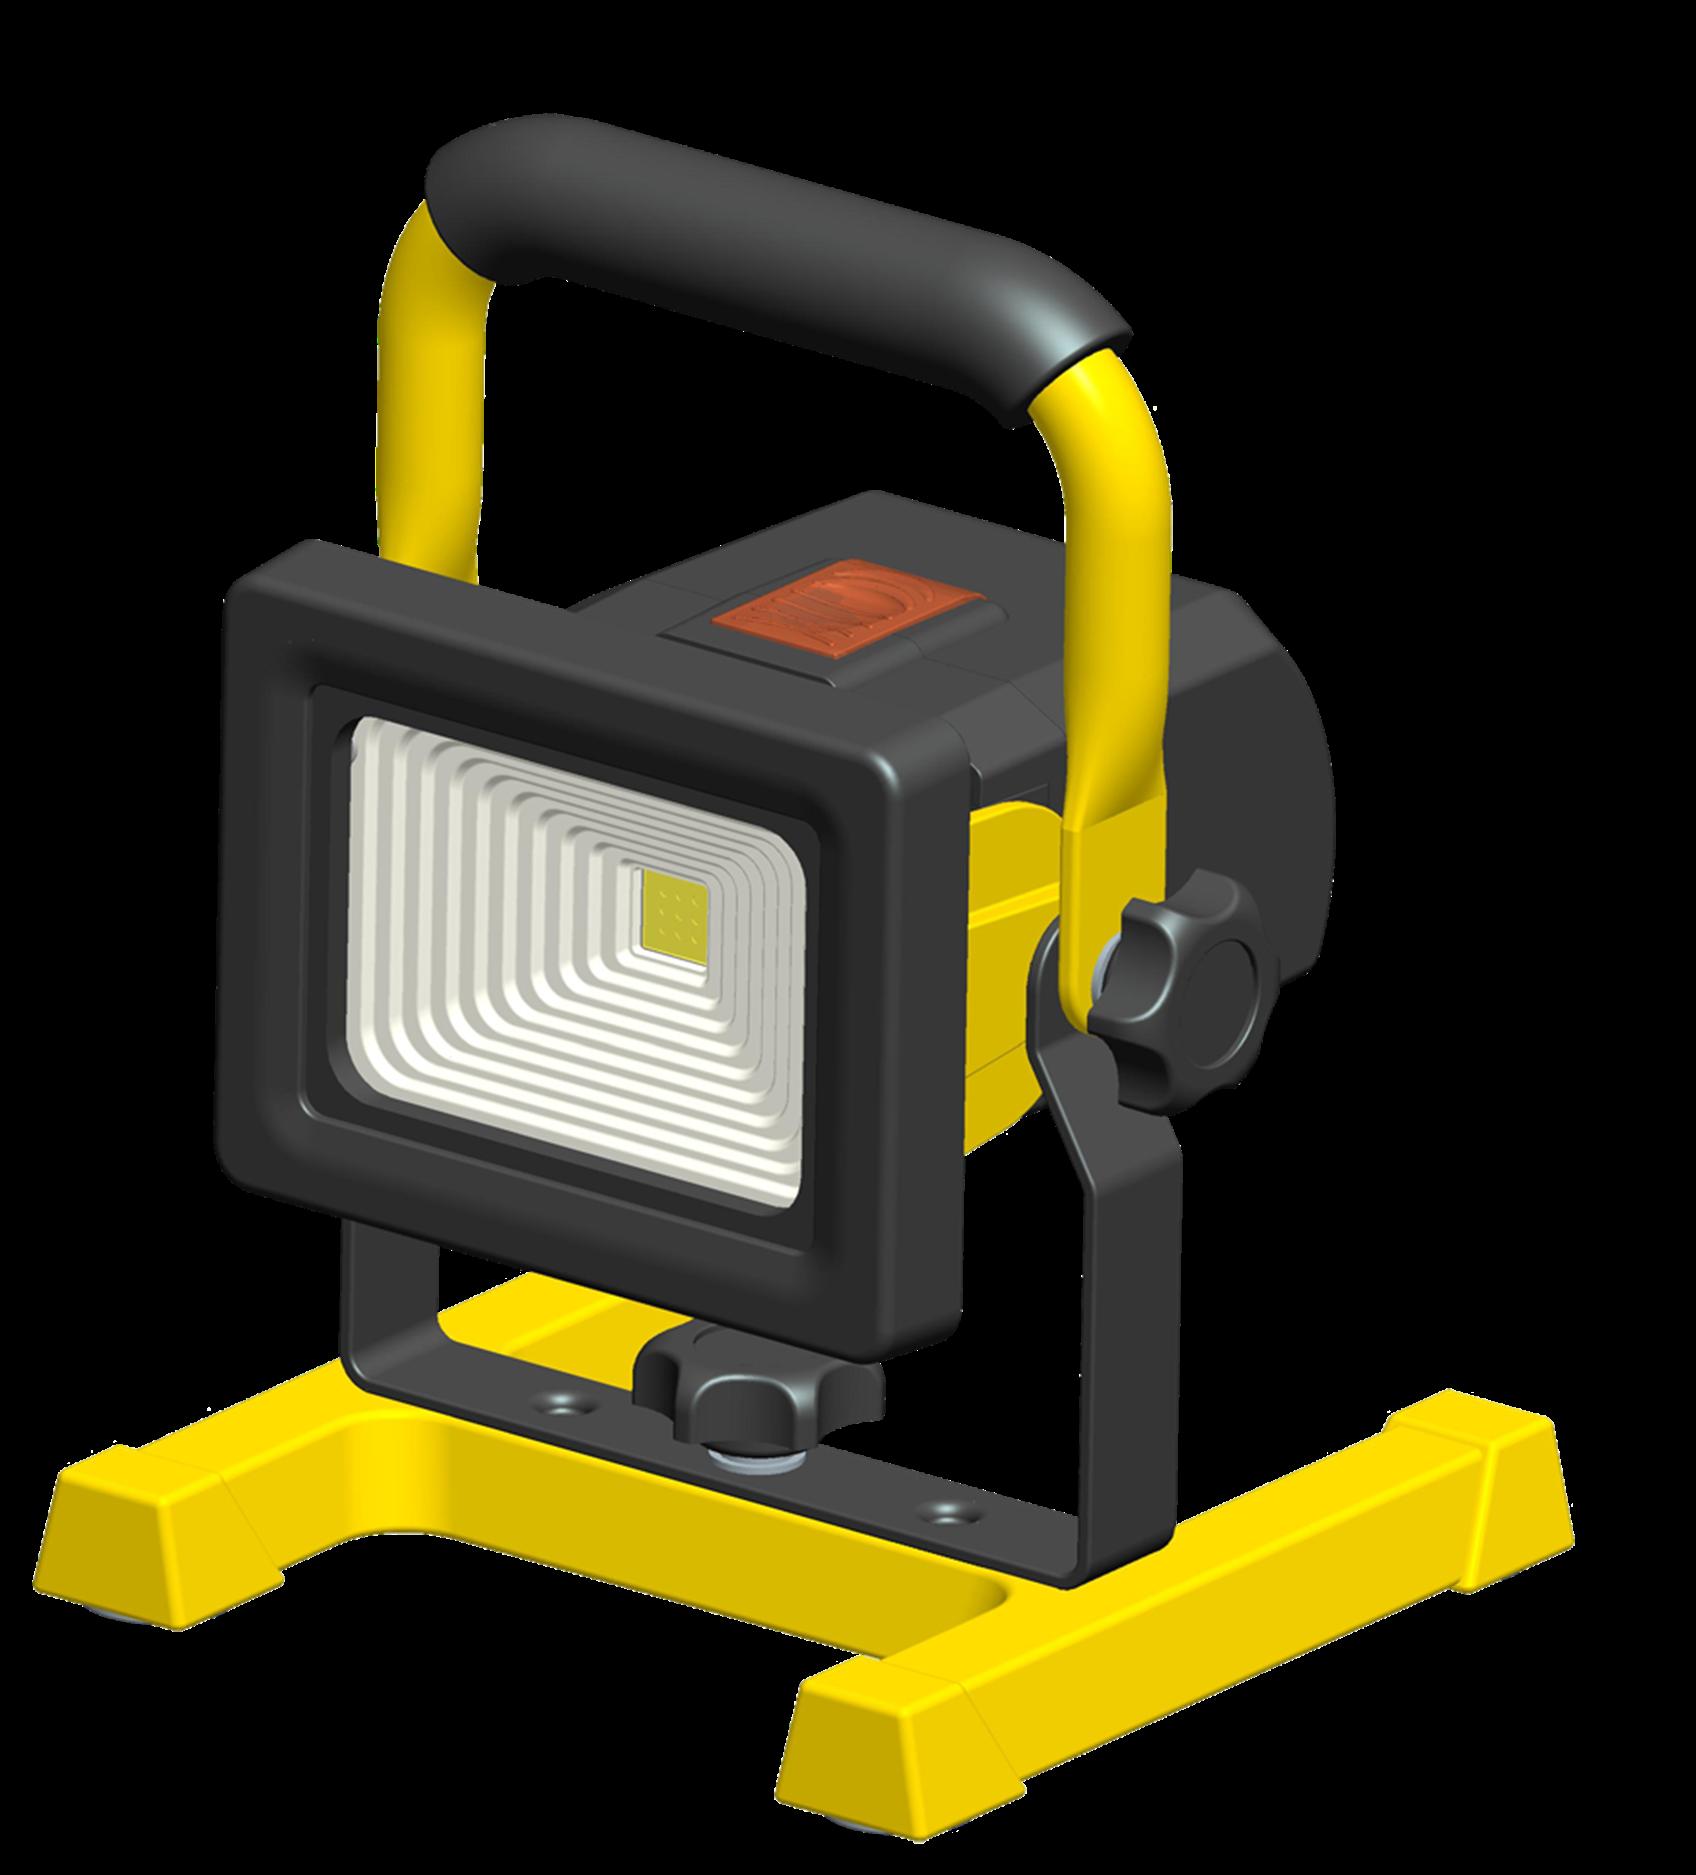 Reflektor G21 LED přenosný bateriový 10W, 750lm, studená bílá, krytí IP65